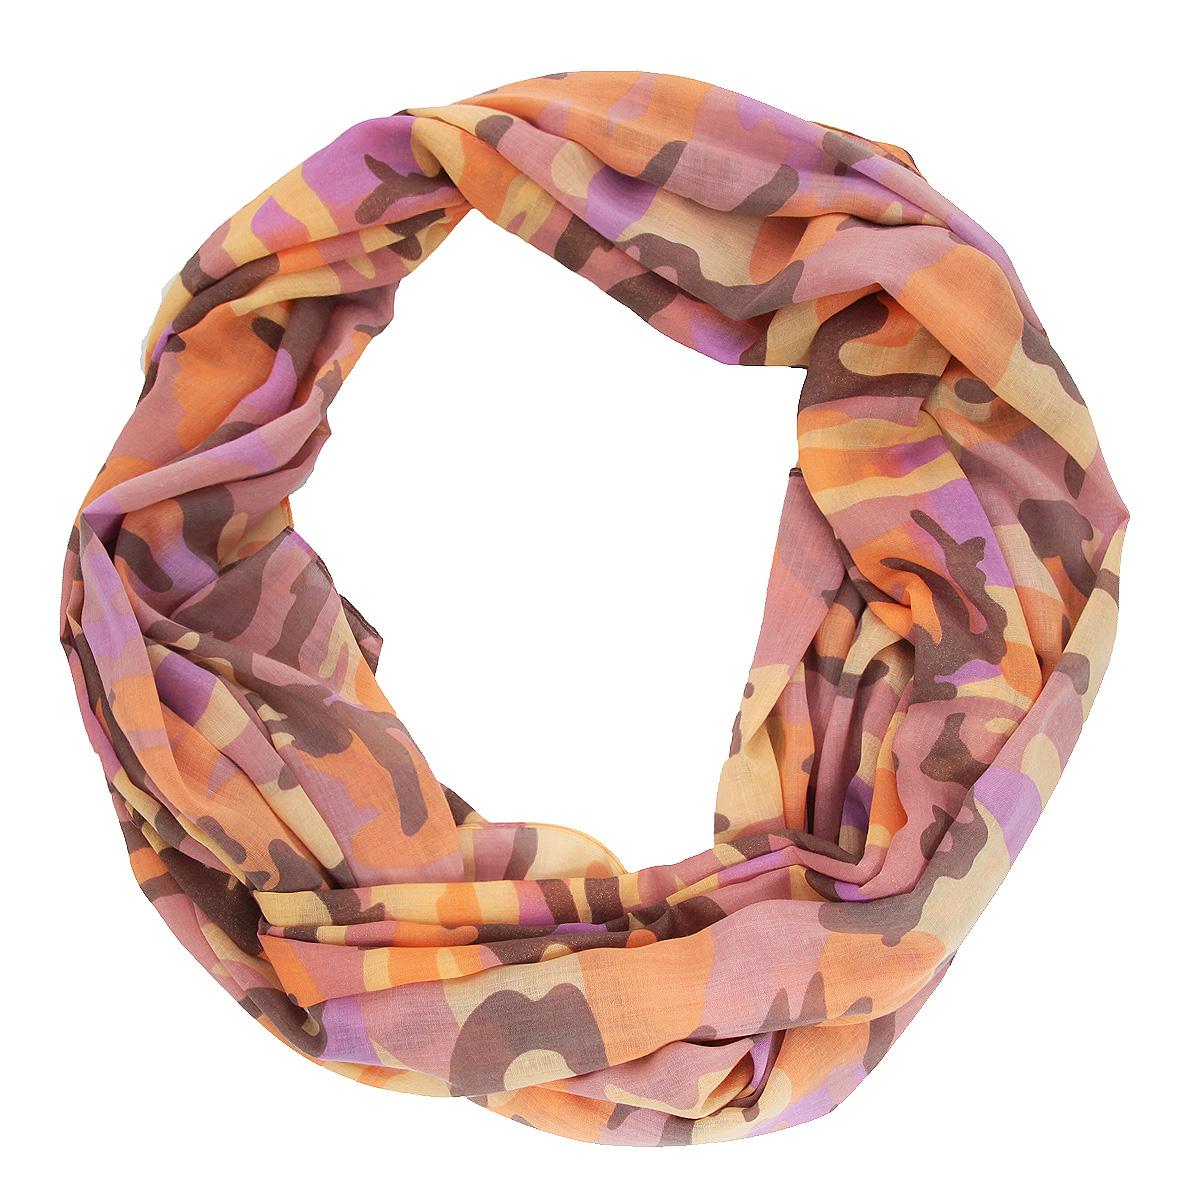 Палантин Venera, цвет: розовый, оранжевый. 3403341-2. Размер 70 см х 200 см3403341-2 ПалантинЭффектный палантин Venera подчеркнет ваш неповторимый образ. Изделие выполнено из вискозы с добавлением шелка и оформлено оригинальным принтом с легким мерцанием. Палантин очень мягкий и приятный на ощупь. Этот модный аксессуар женского гардероба гармонично дополнит образ современной женщины, следящей за своим имиджем и стремящейся всегда оставаться стильной и элегантной.